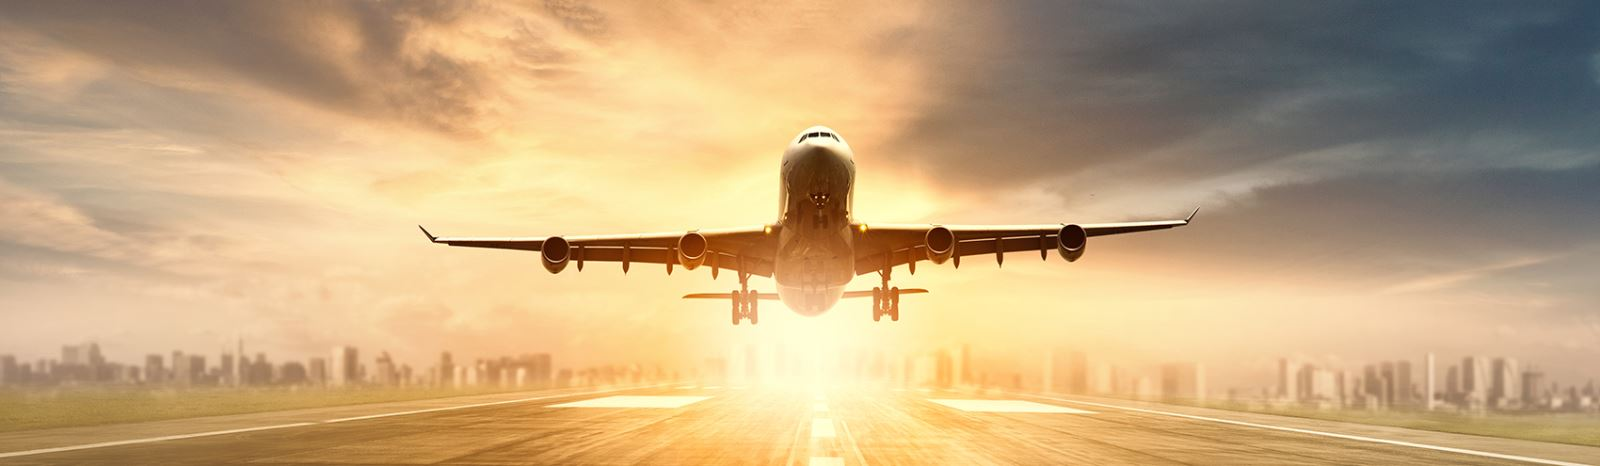 Dịch vụ vận chuyển hàng hóa bằng đường hàng không